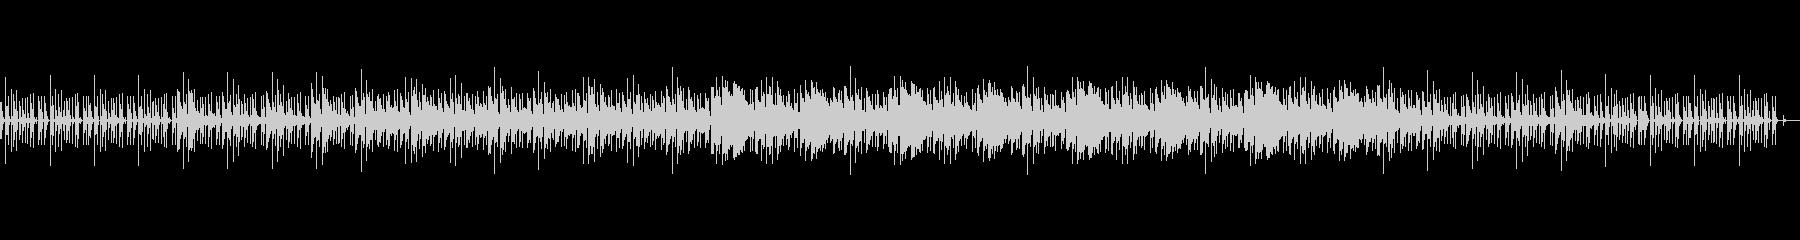 ラウンジ・ミュージックを意識したBGMの未再生の波形